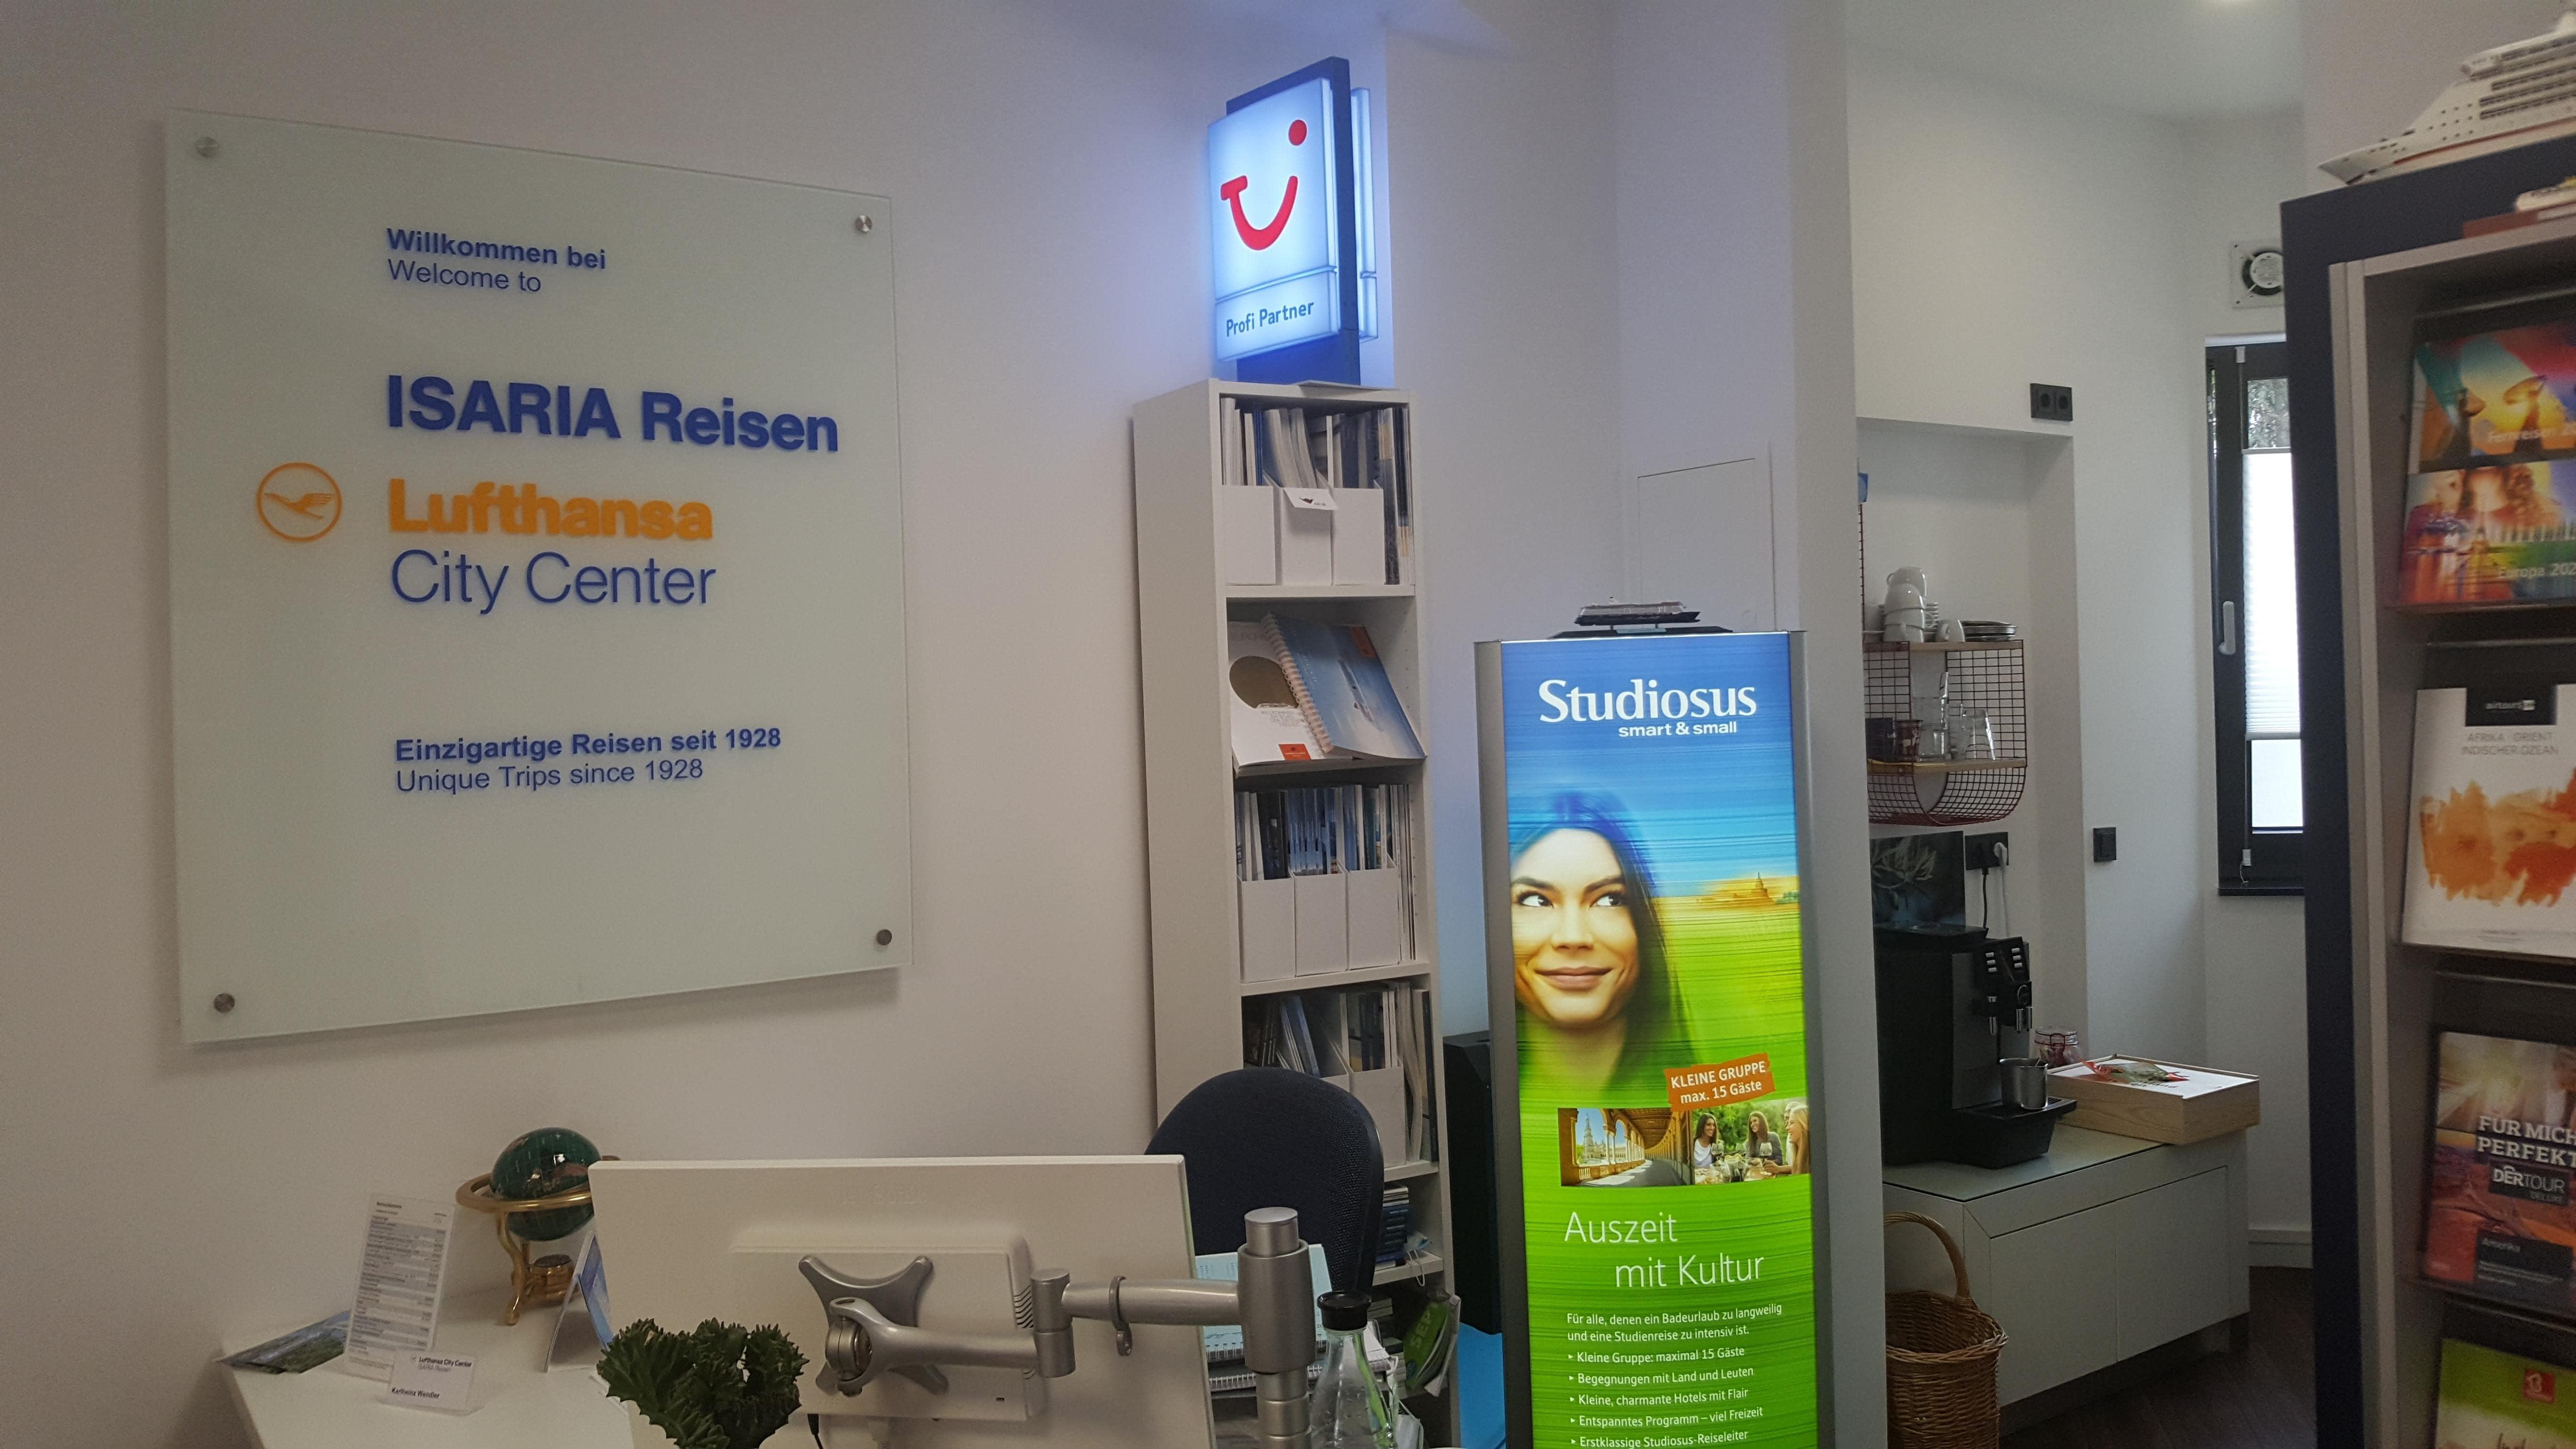 Reisebüro ISARIA Reisen Lufthansa City Center